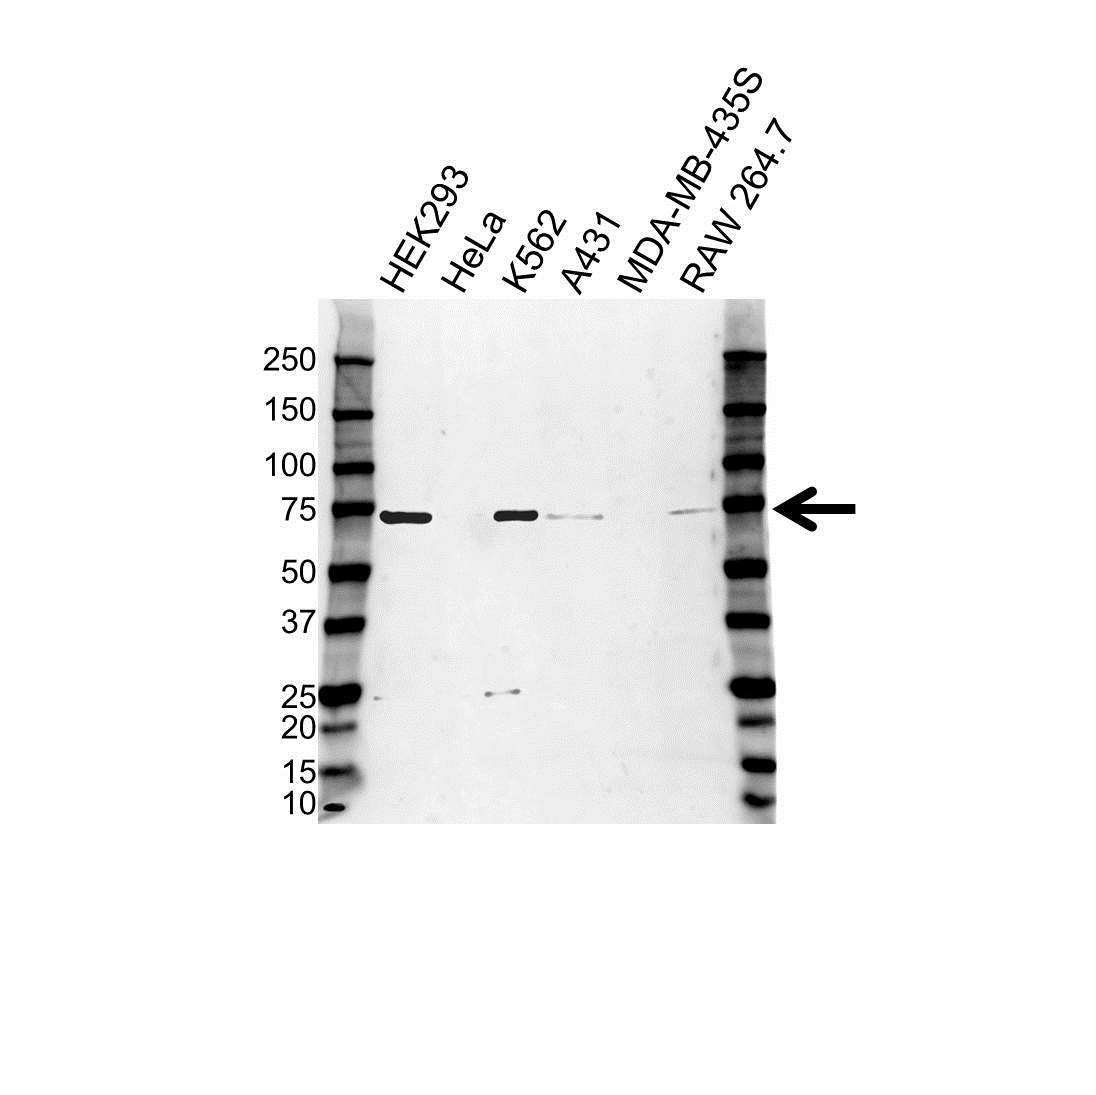 Anti Poly (ADP-Ribose) Polymerase 3 Antibody (PrecisionAb™ Polyclonal Antibody) gallery image 1